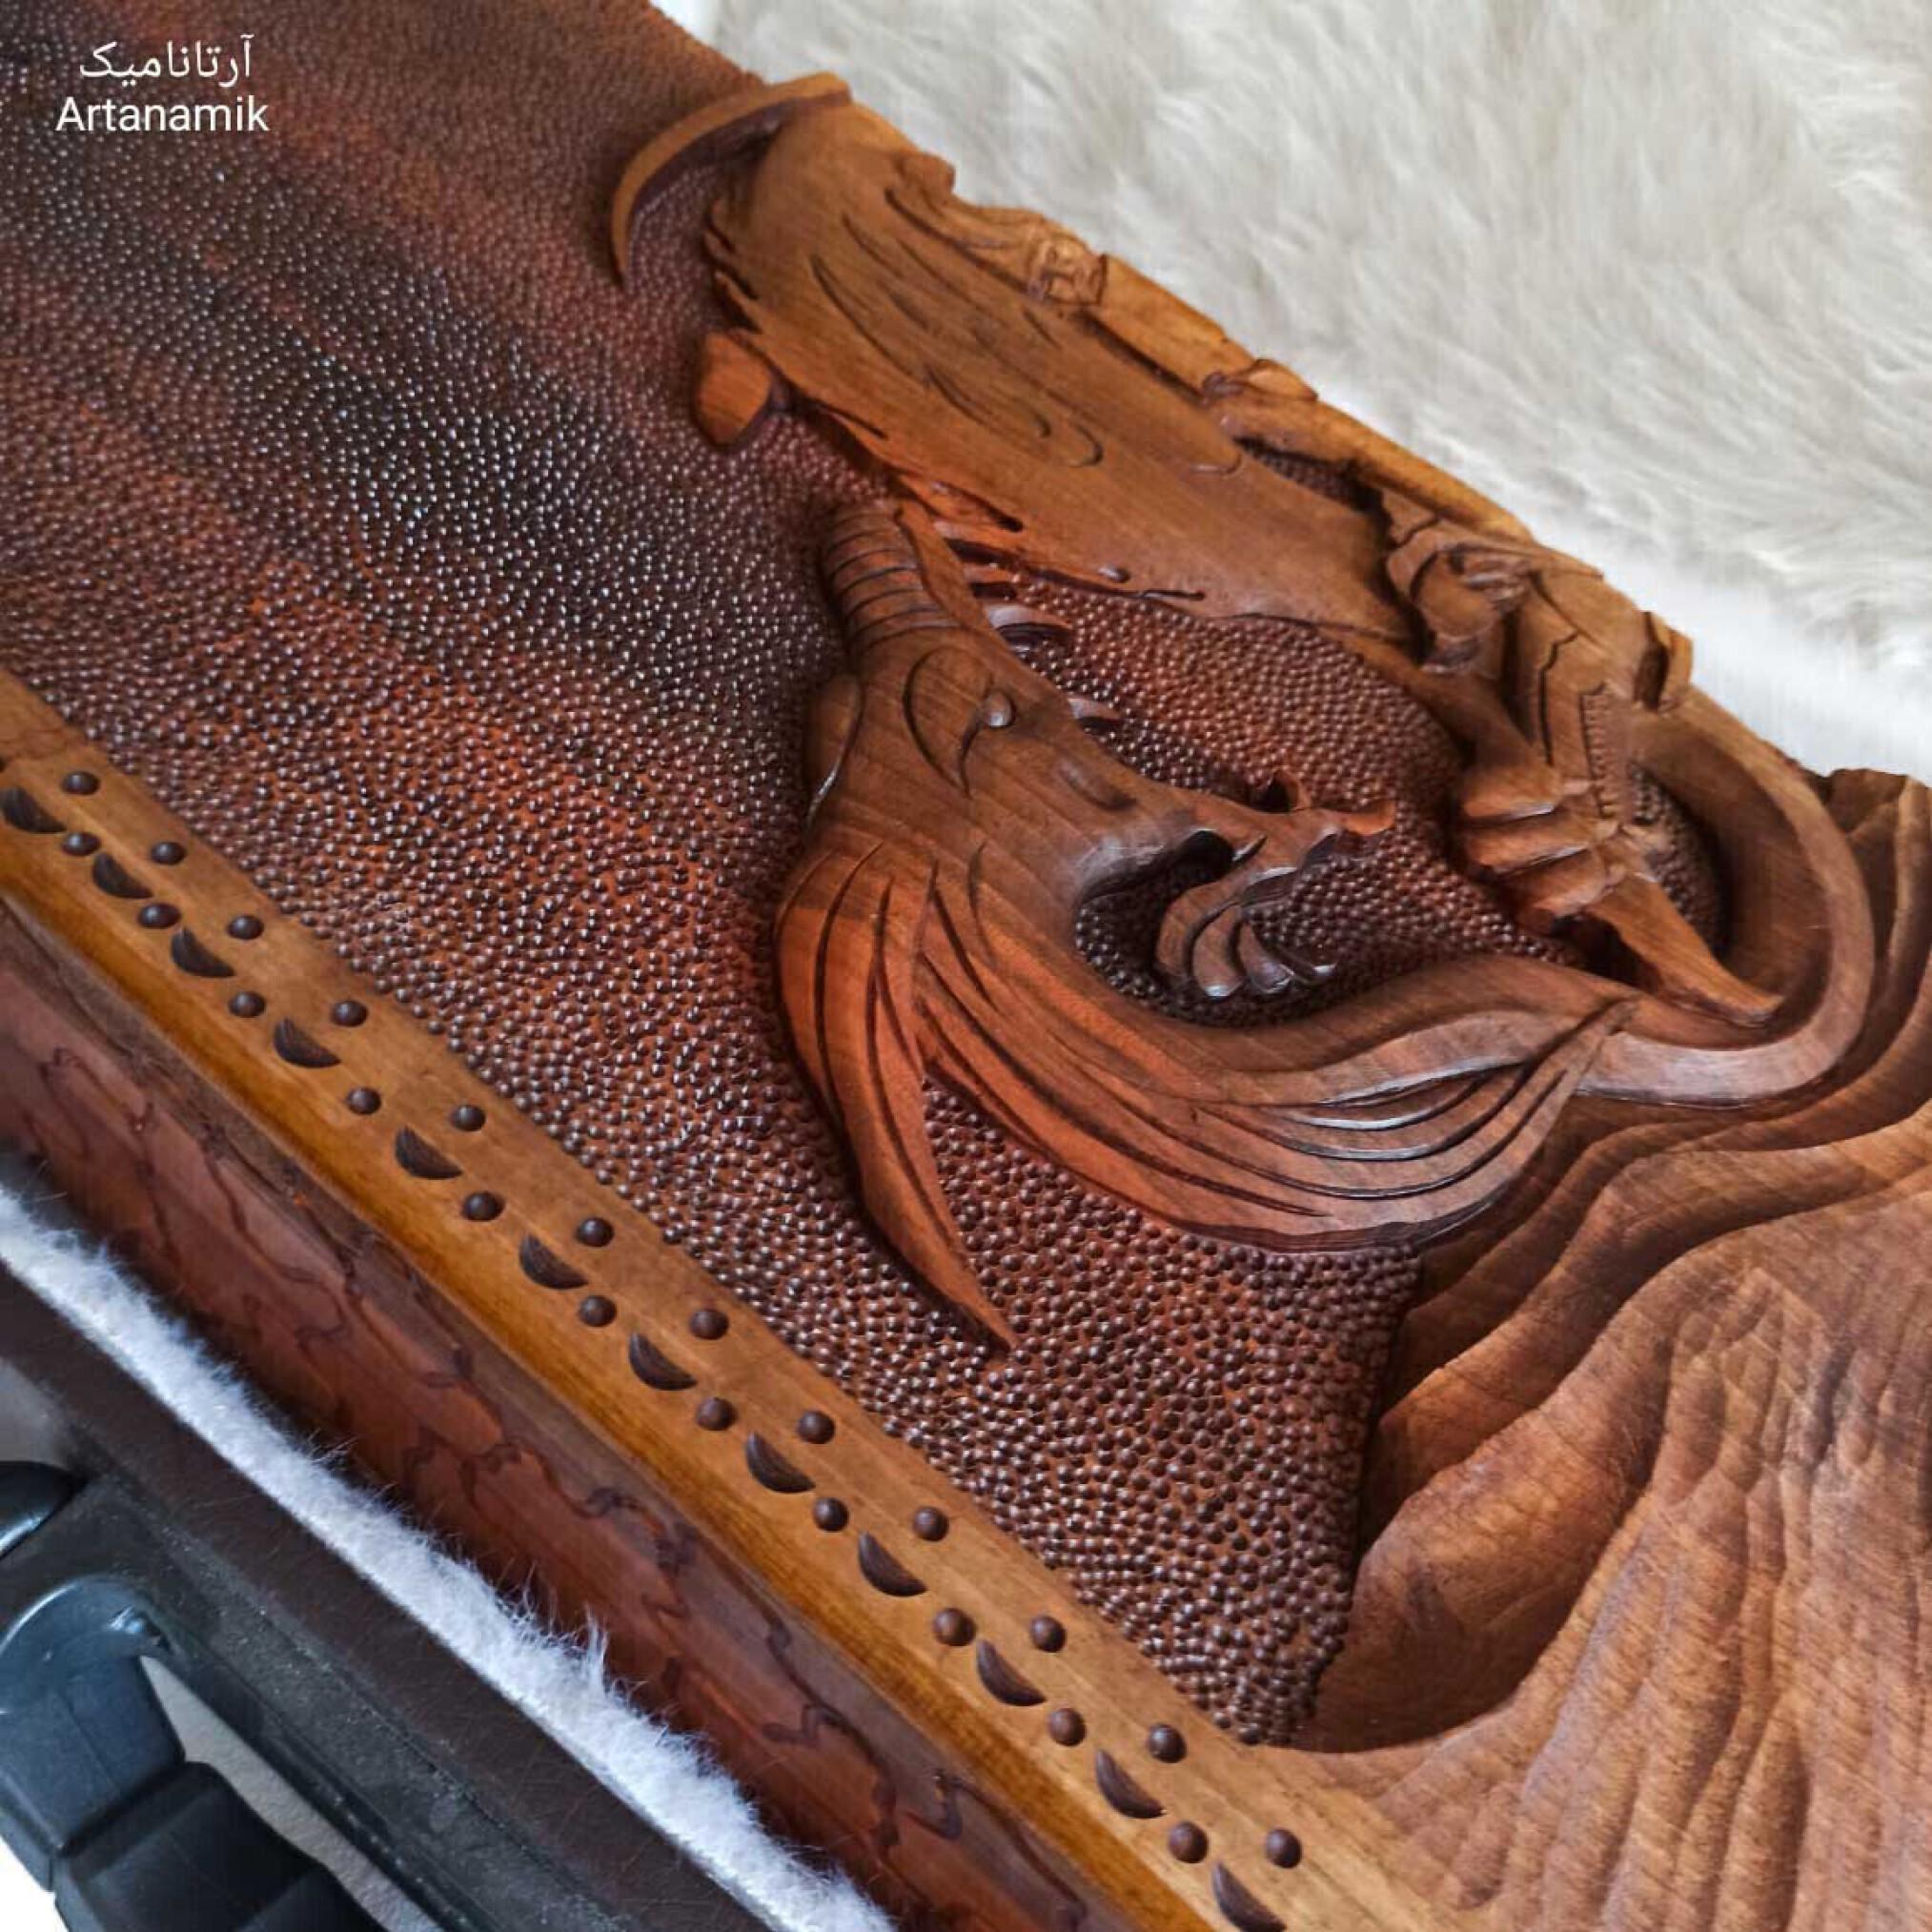 تخته نرد منبت کاری طرح رستم و اژدها، تخته نرد کادویی و تخته نرد نفیس روی چوب گردو